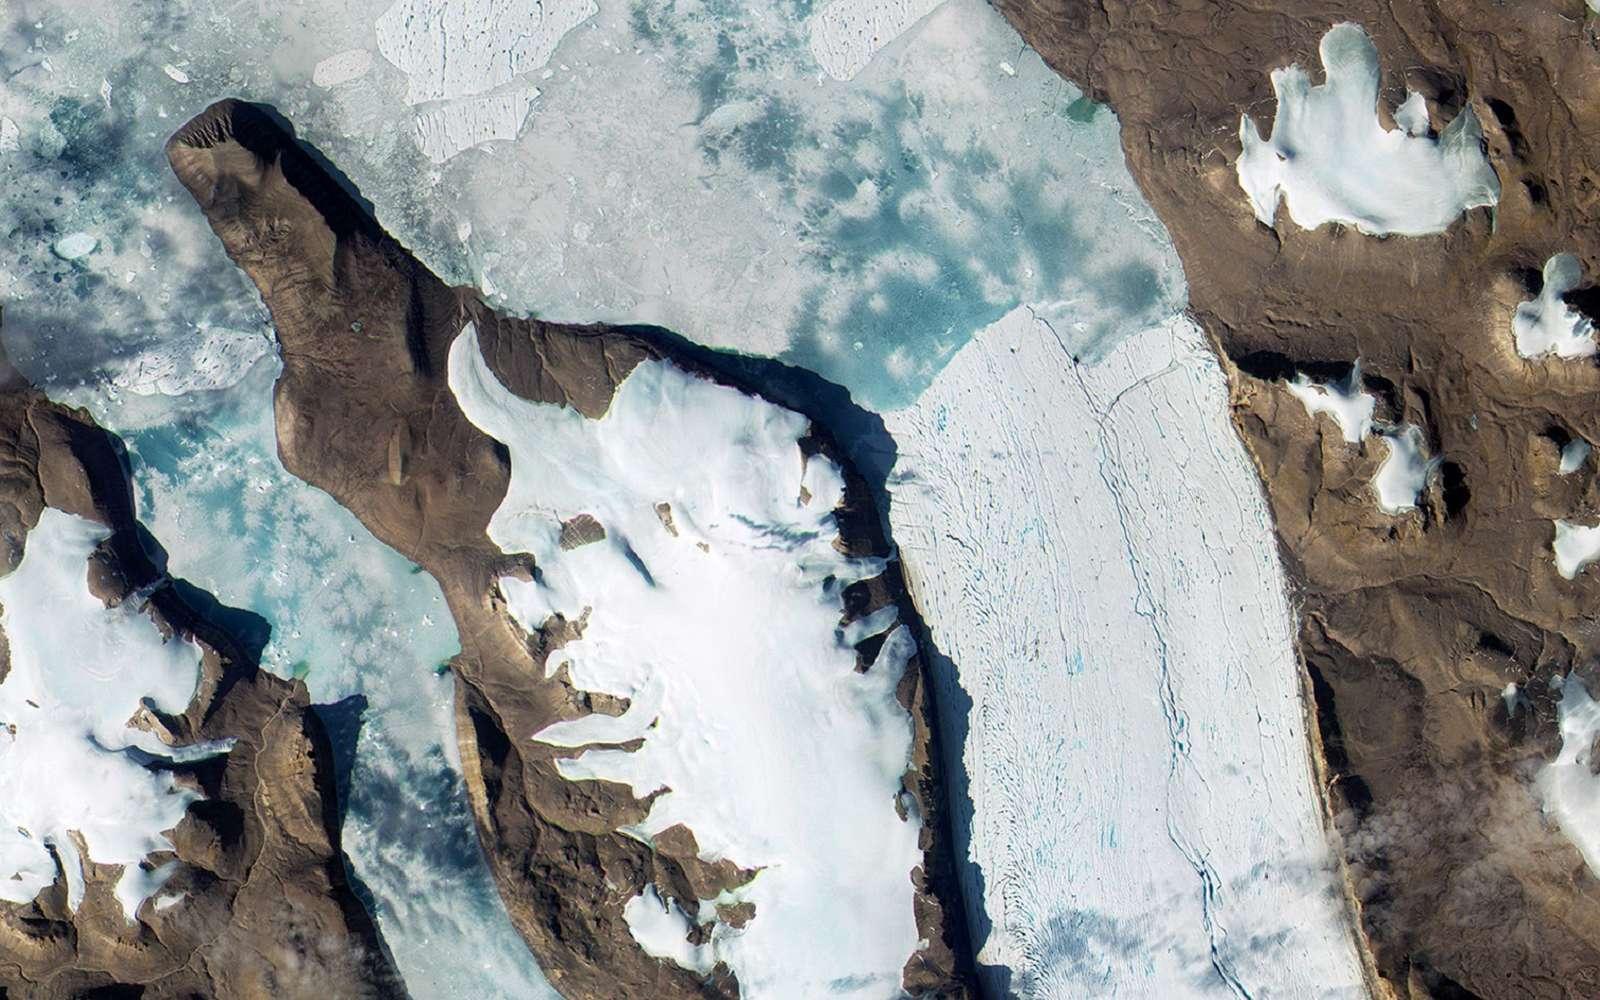 Les glaciers du monde ont perdu plus de 9.000 milliards de tonnes de glace en un demi-siècle. © ESA